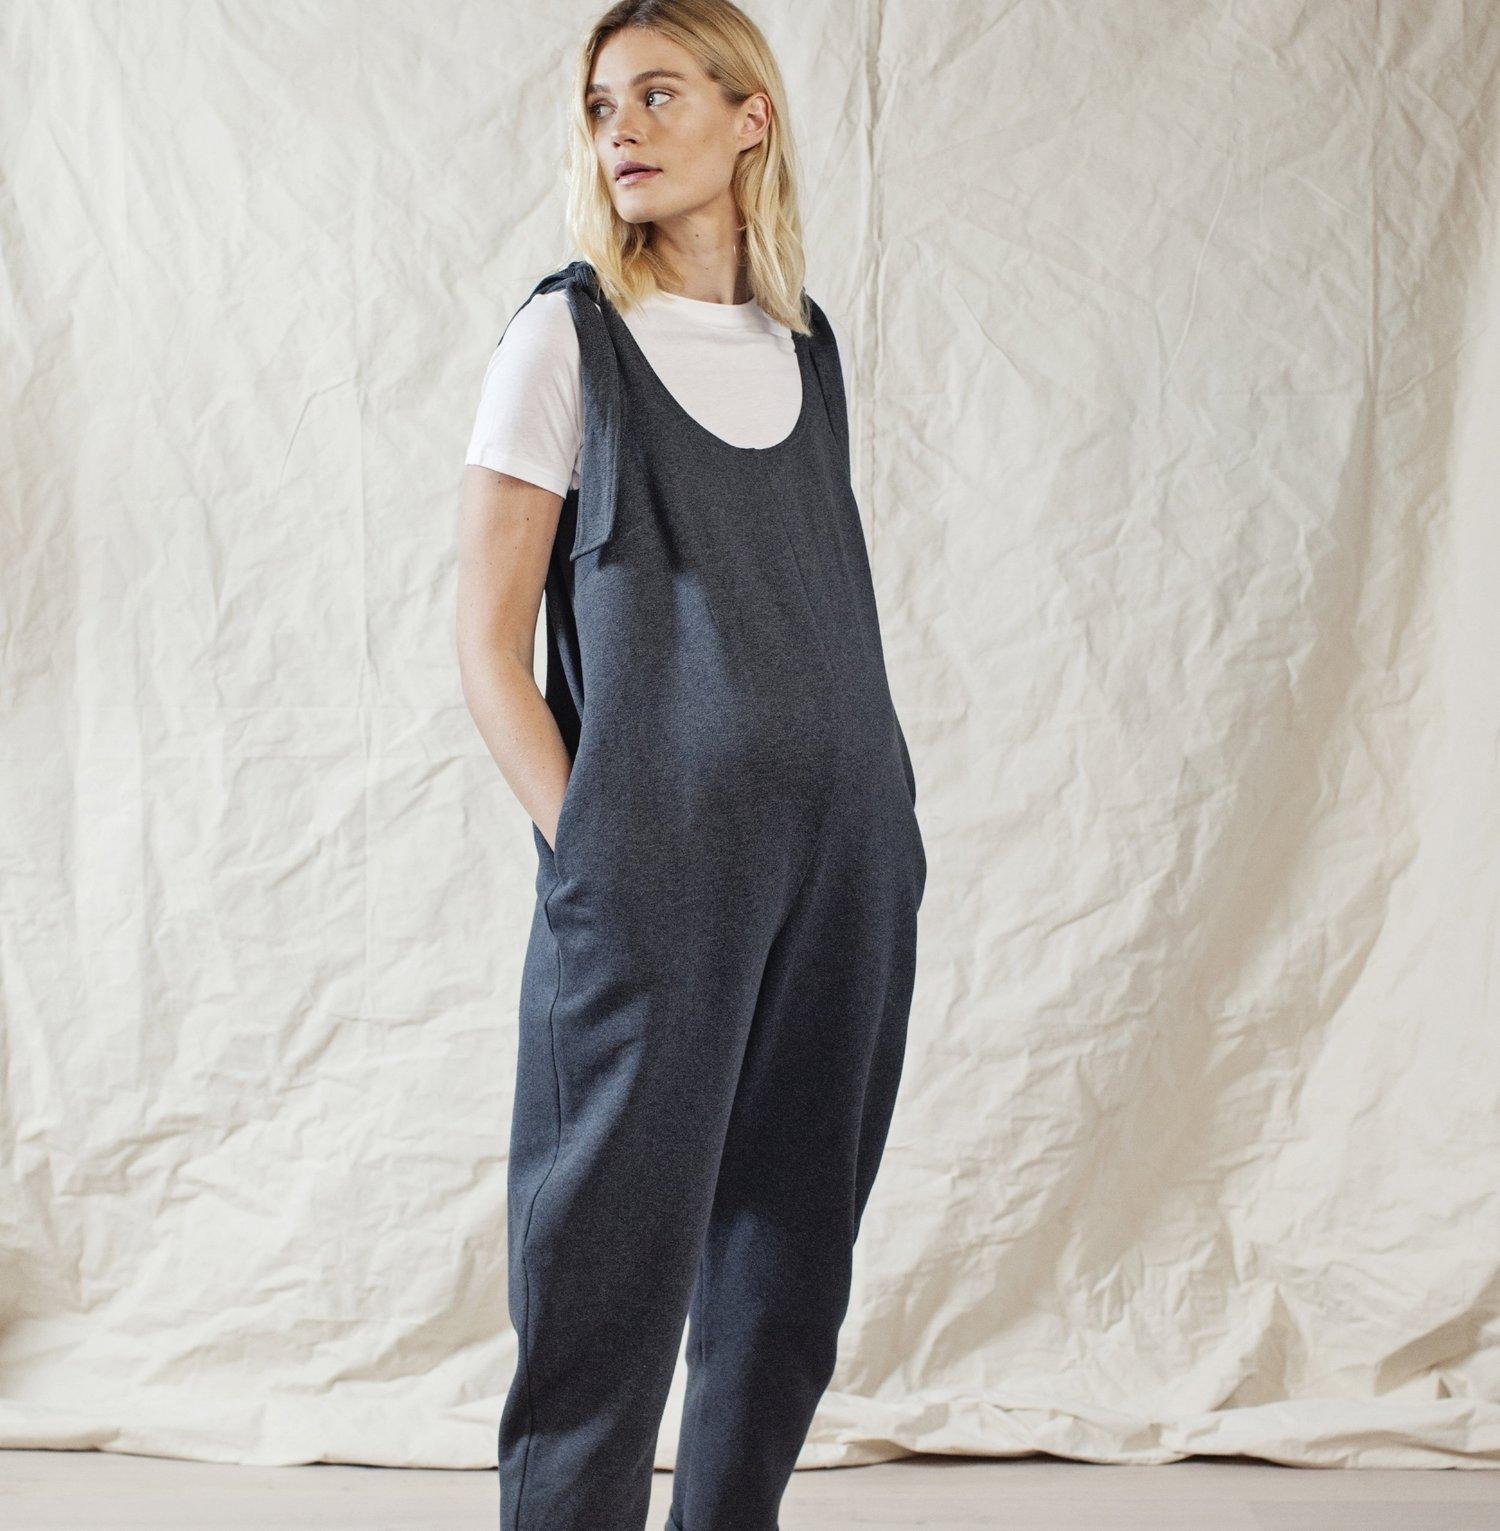 4 Cool Maternity Fashion Brands Emma Paton